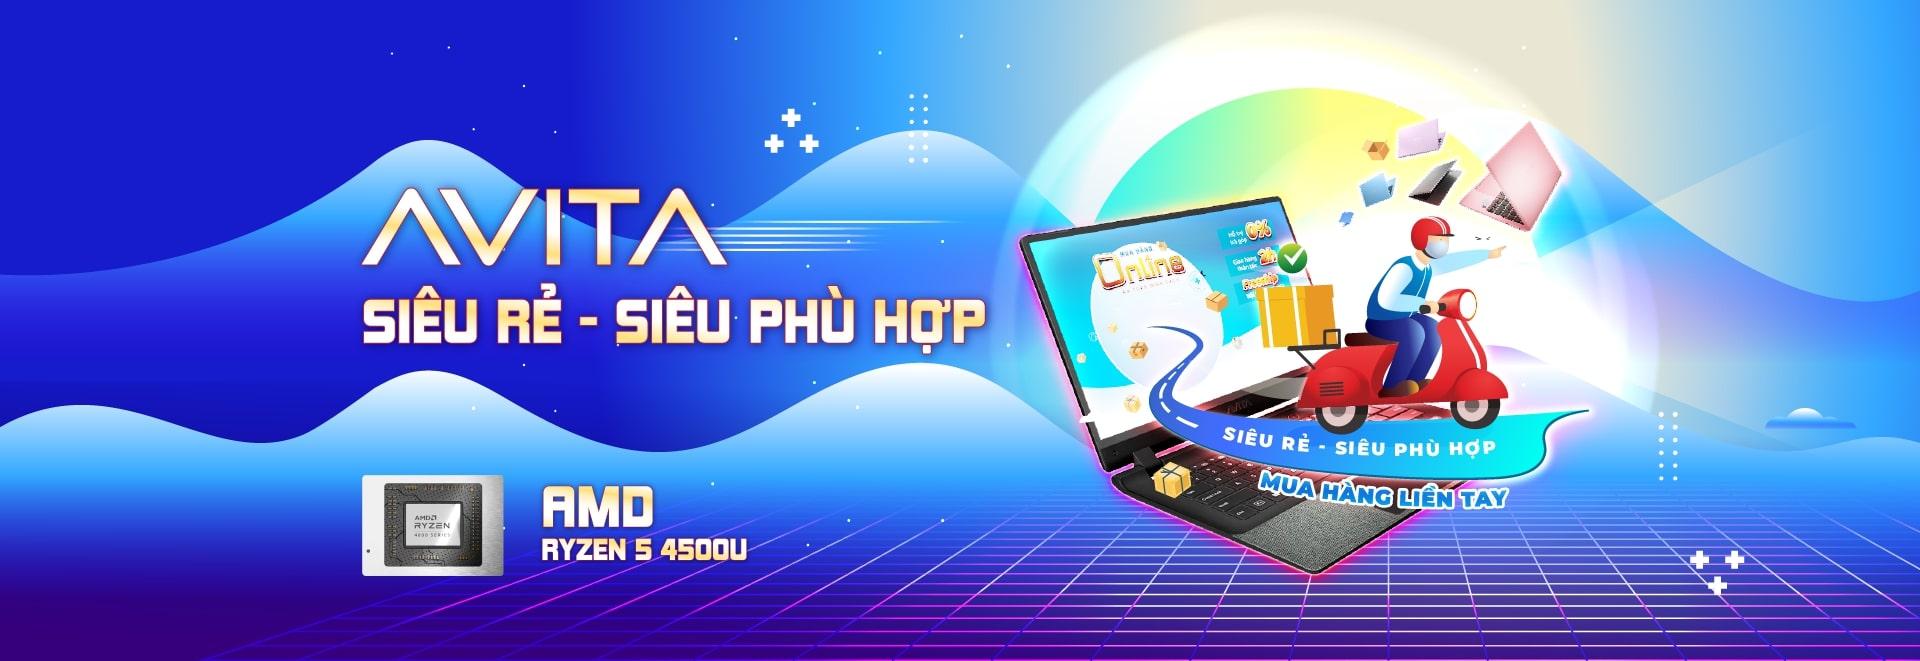 LDP. AVITAr-01